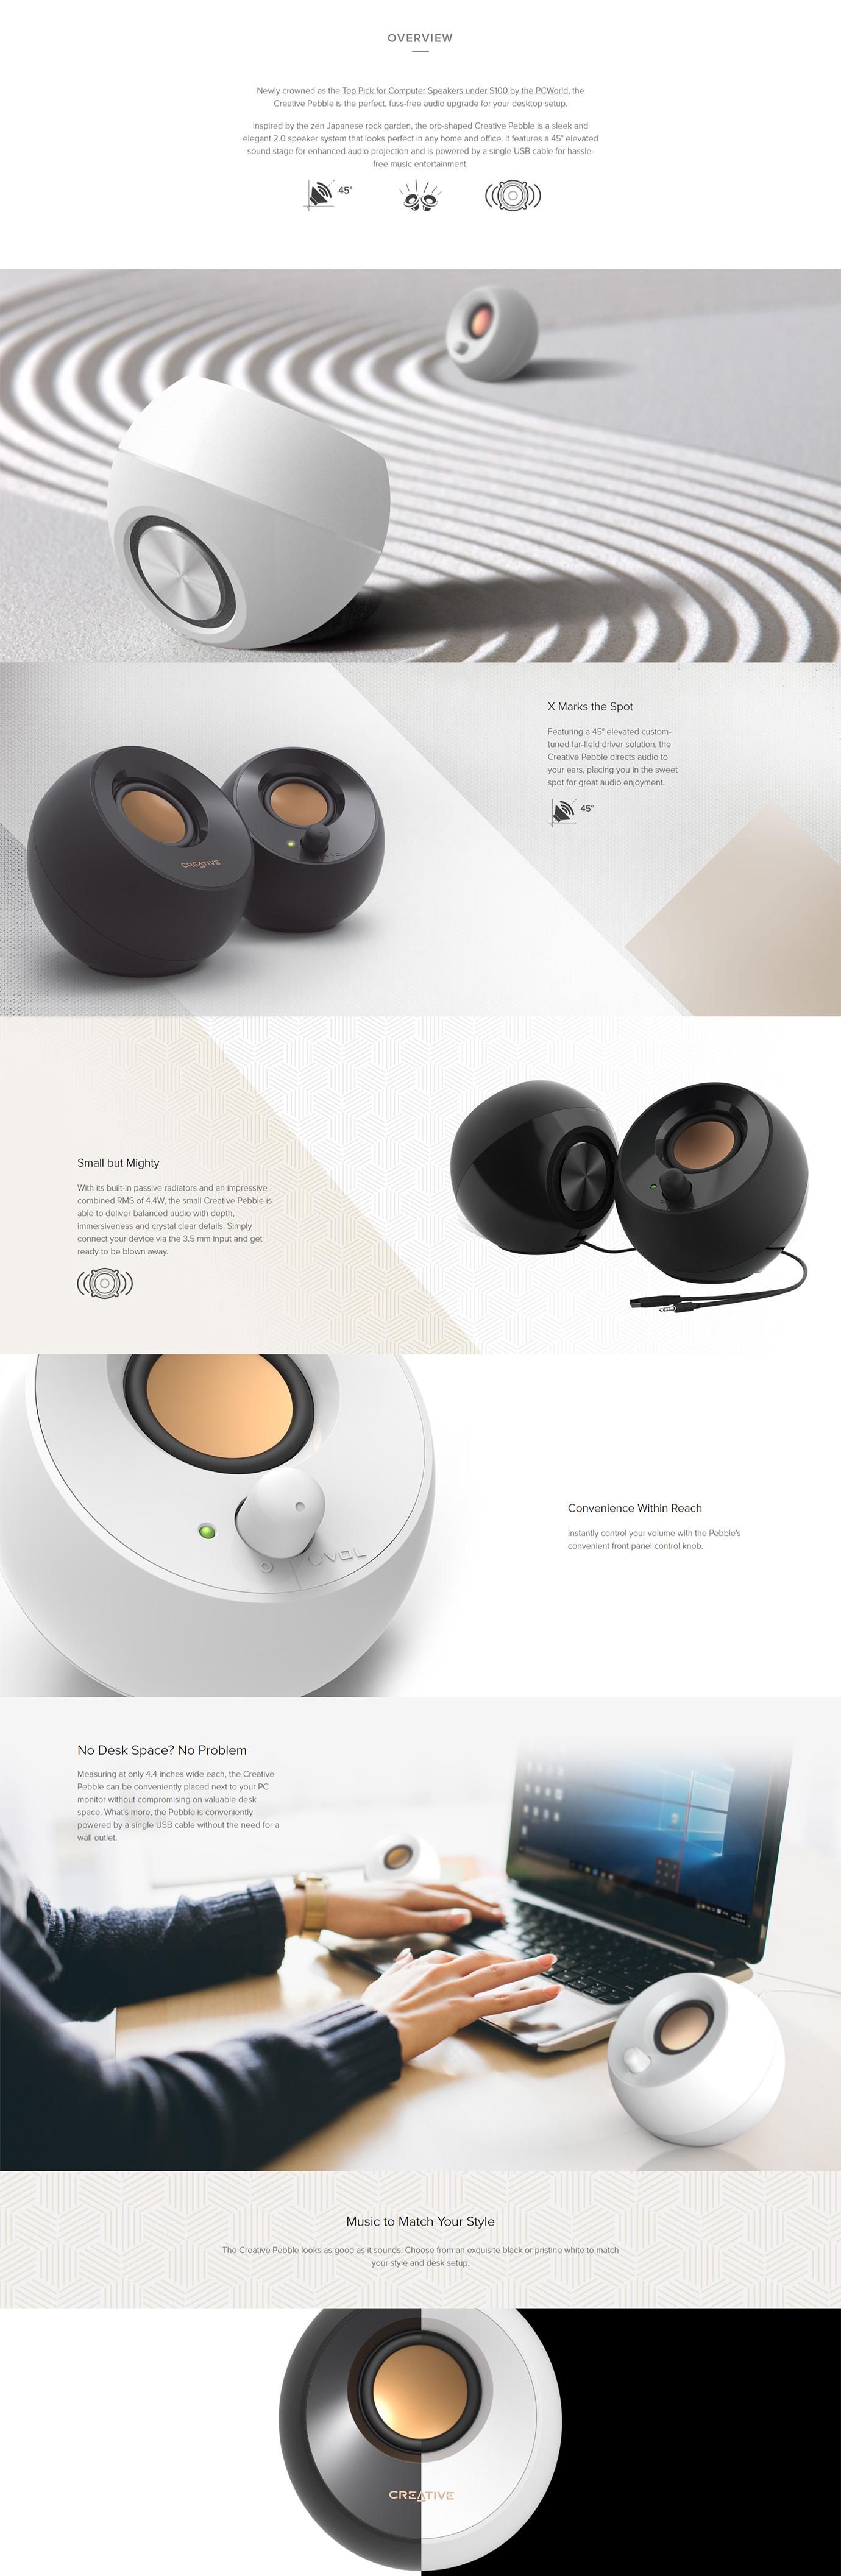 Creative Pebble 2.0